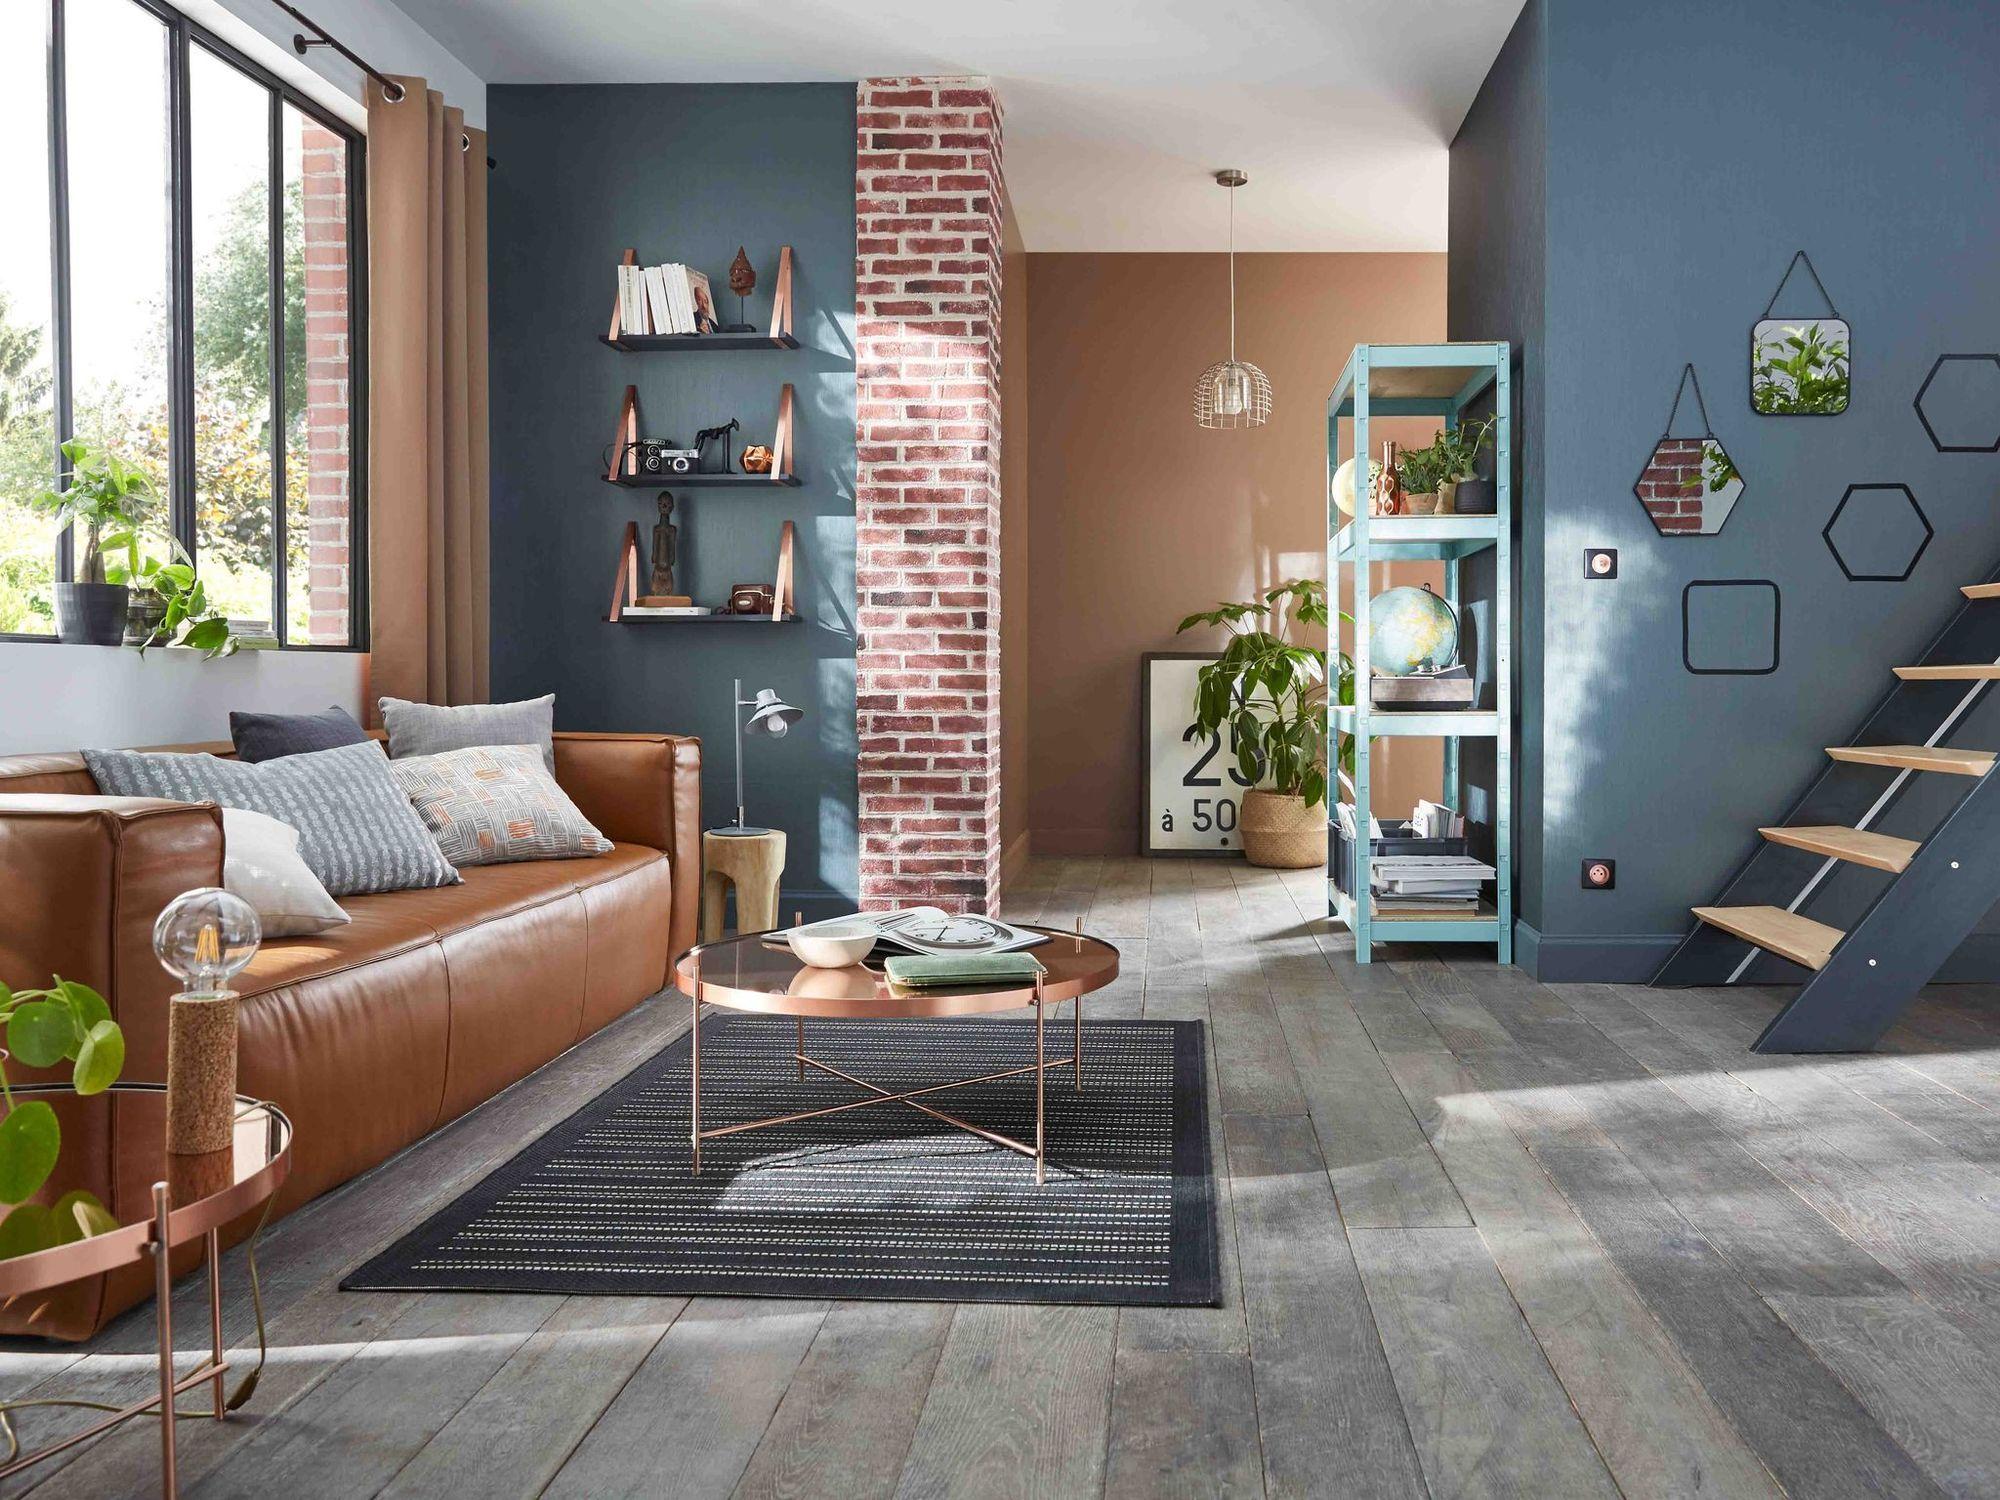 Peinture salon : 16 couleurs tendance pour repeindre le salon